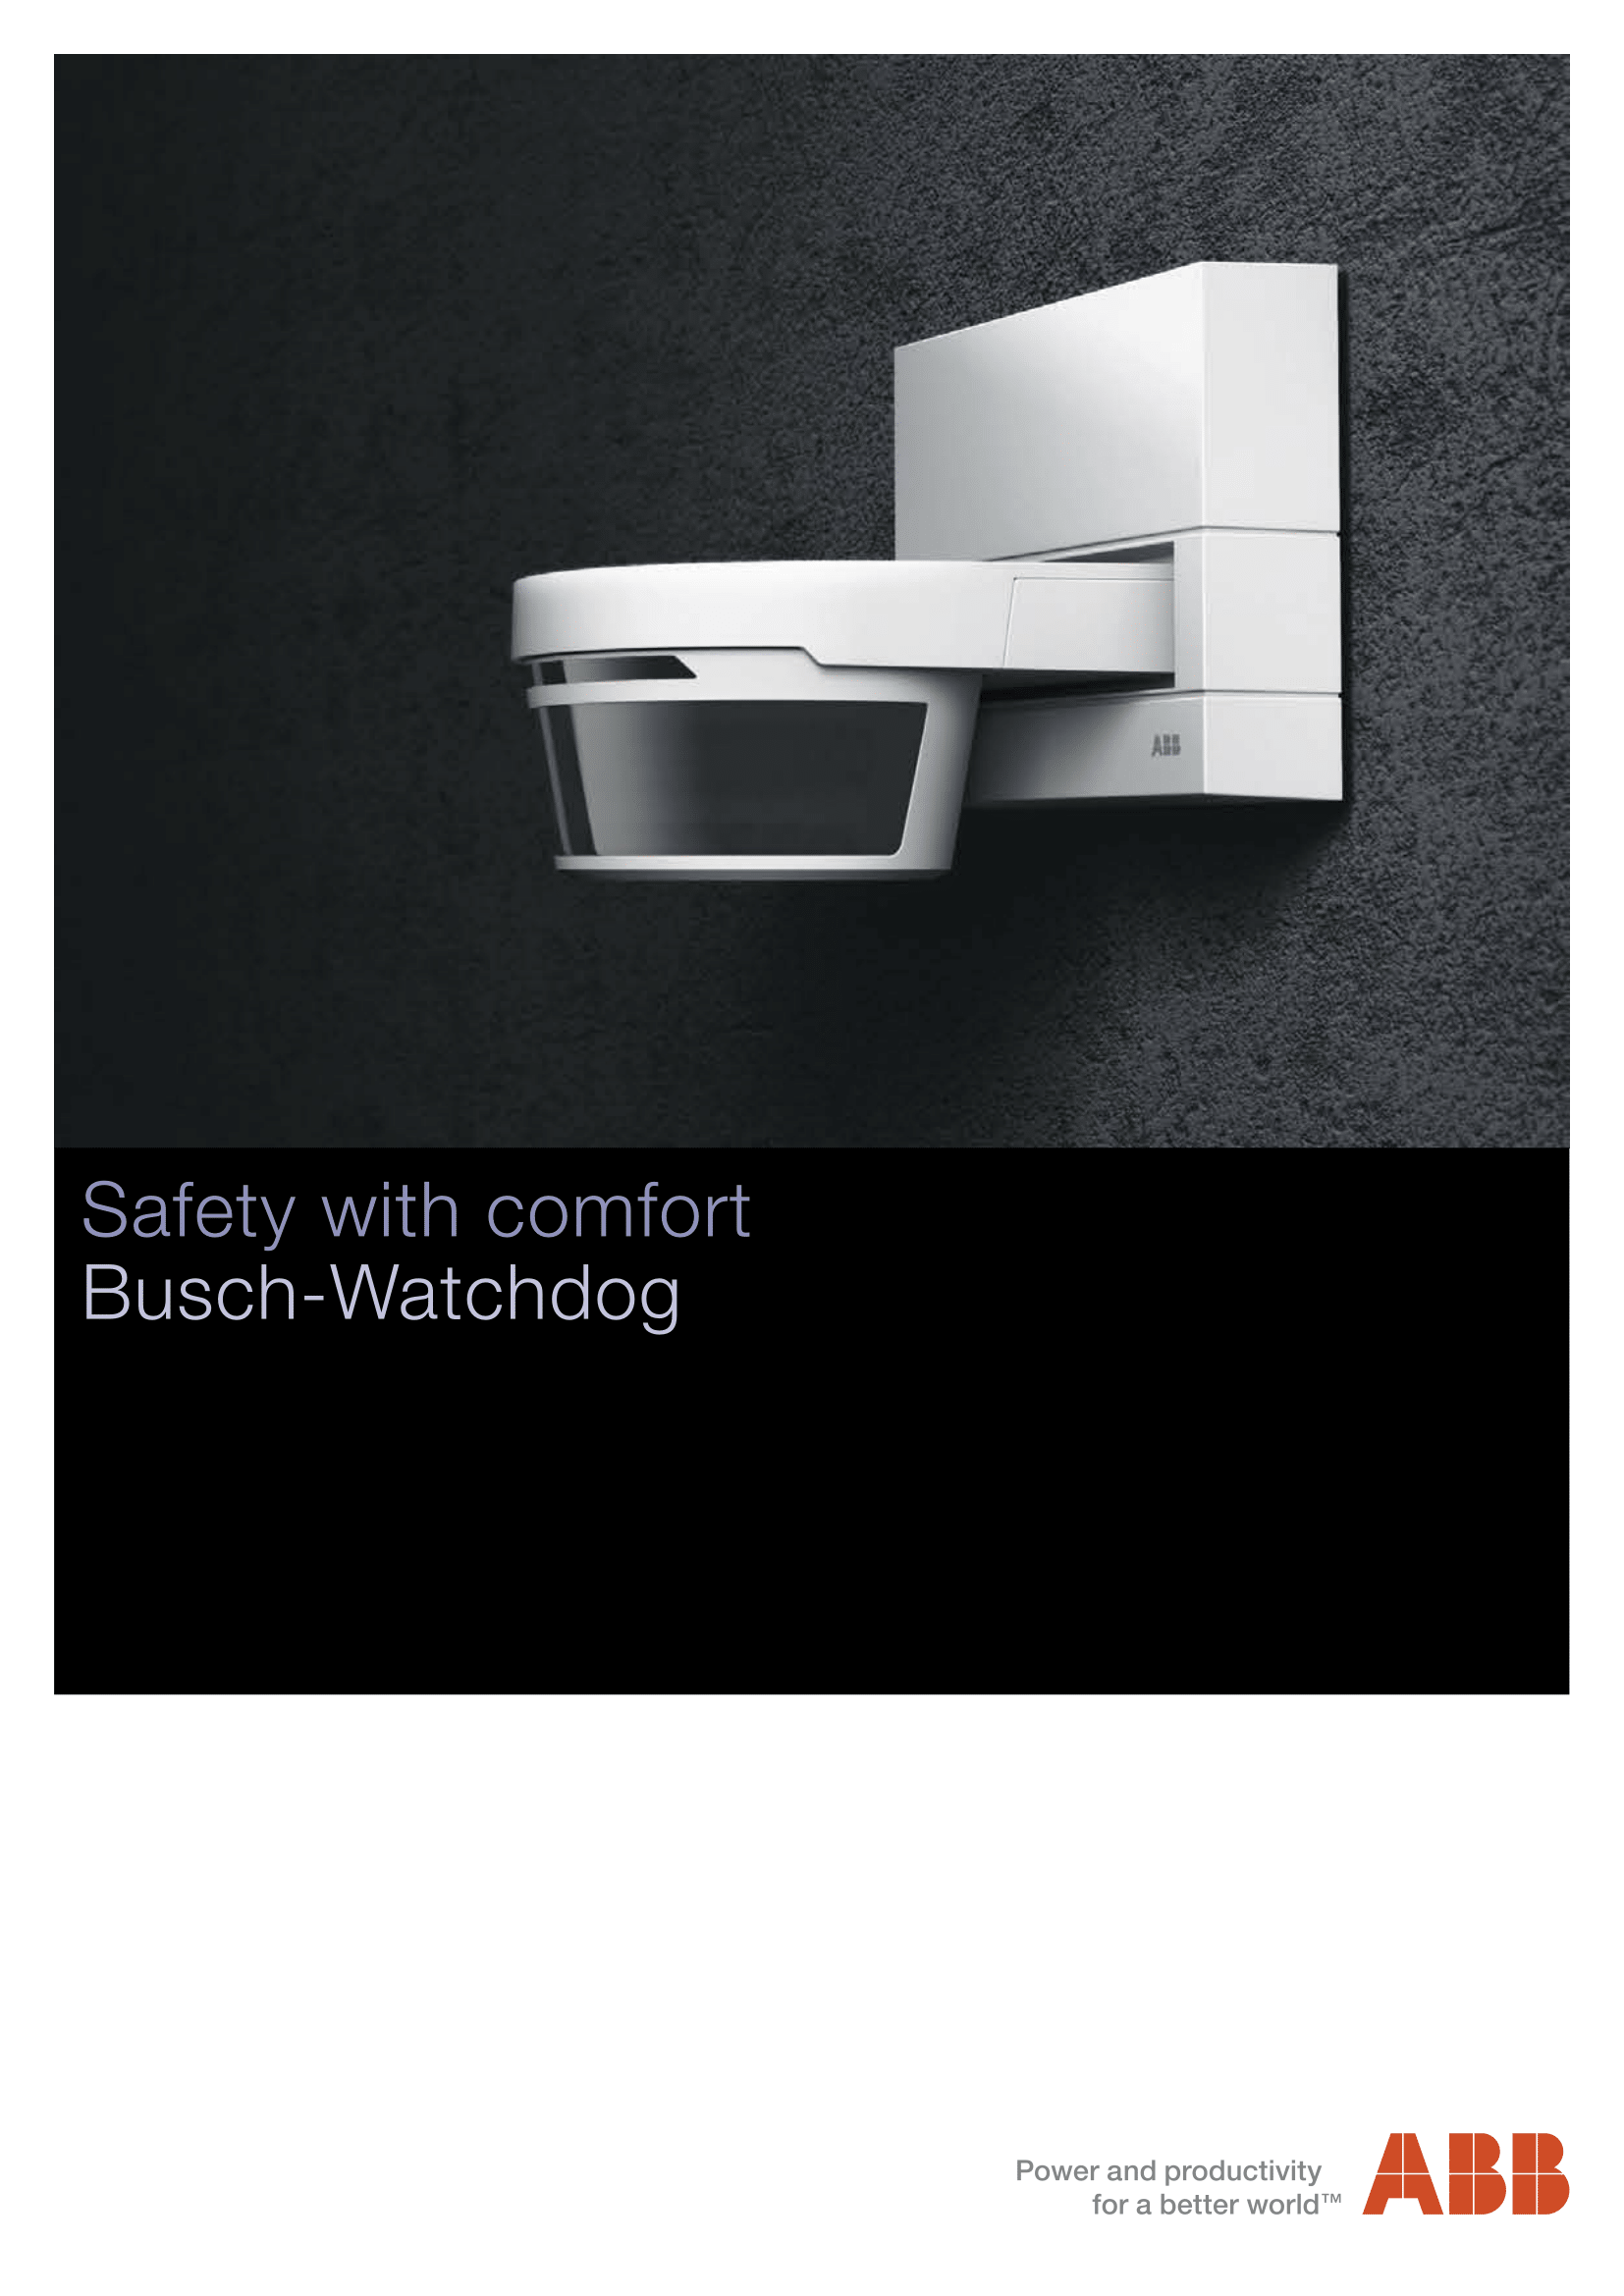 ABB Busch-Watchdog Catalogue